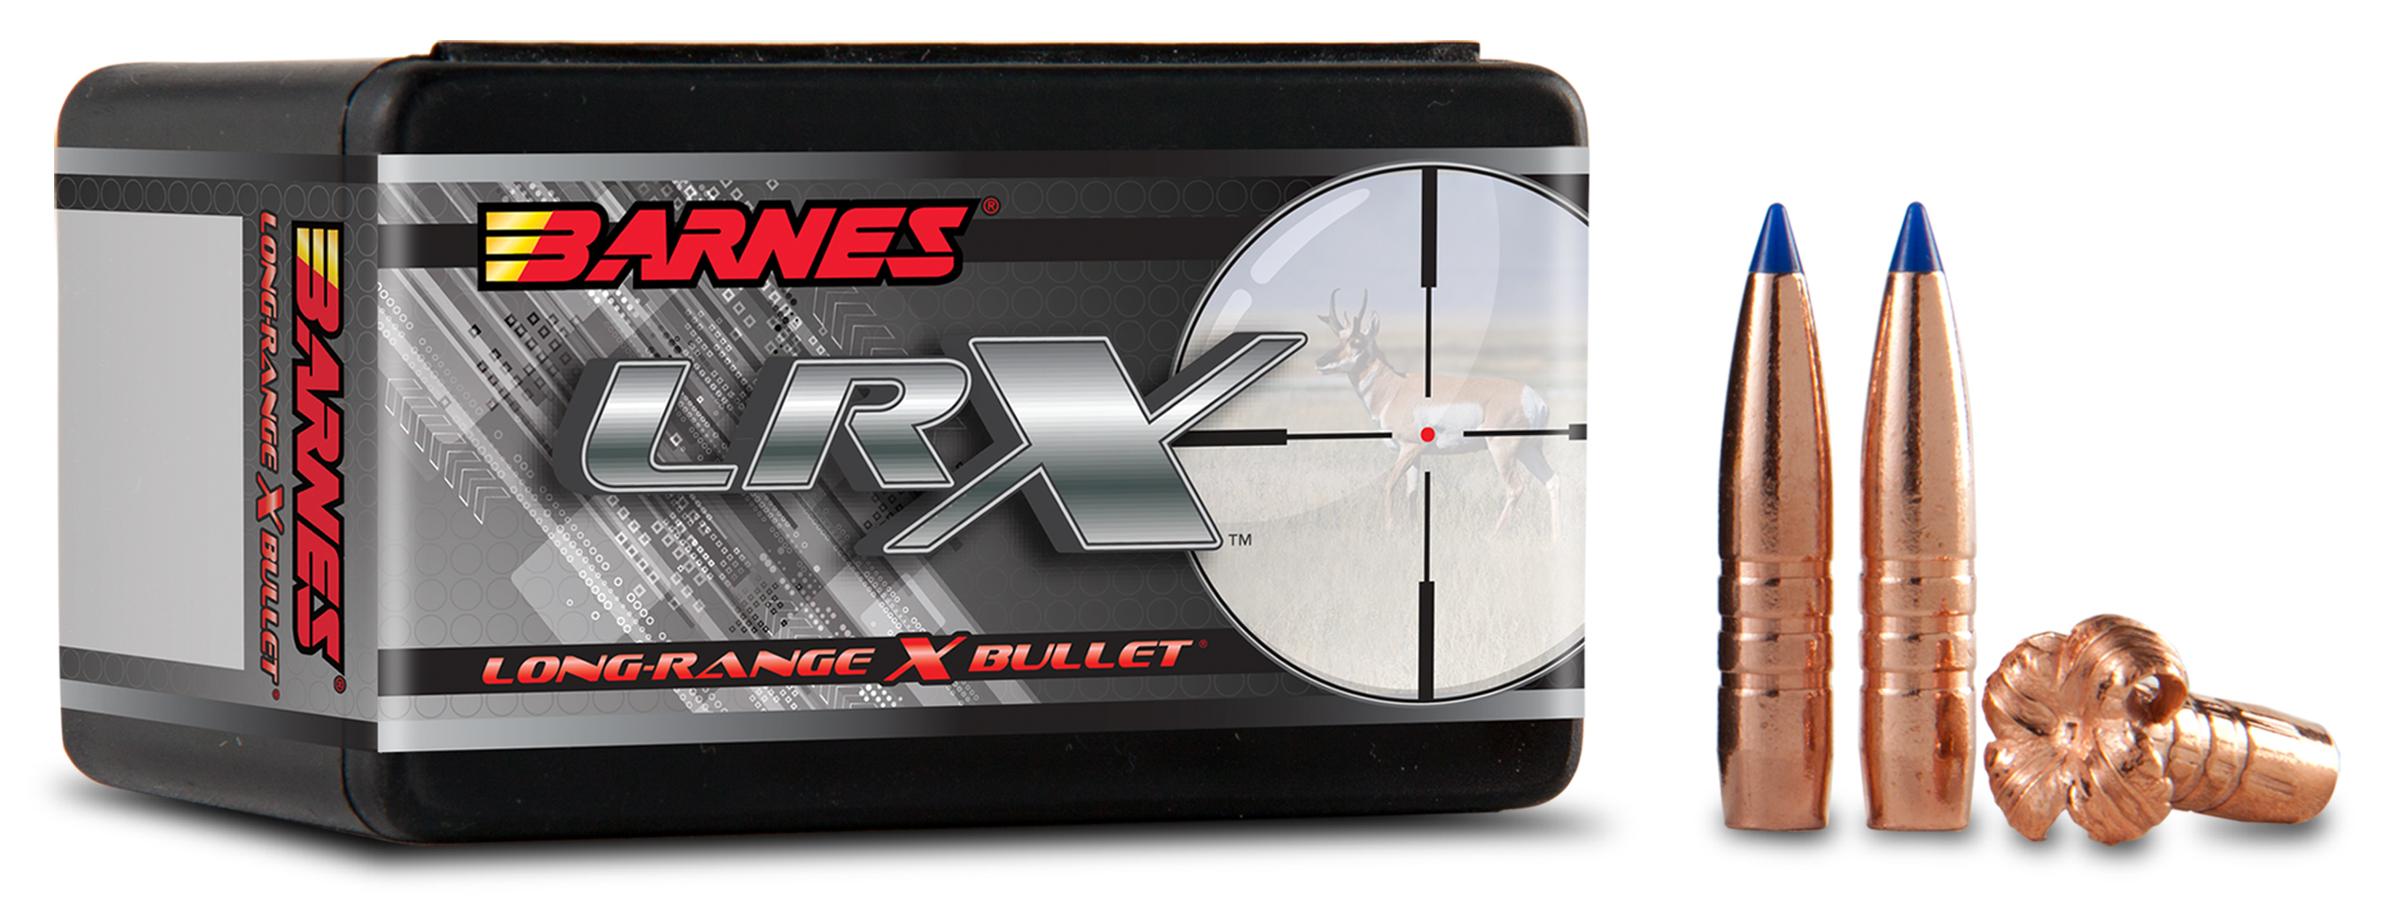 lrx bullets